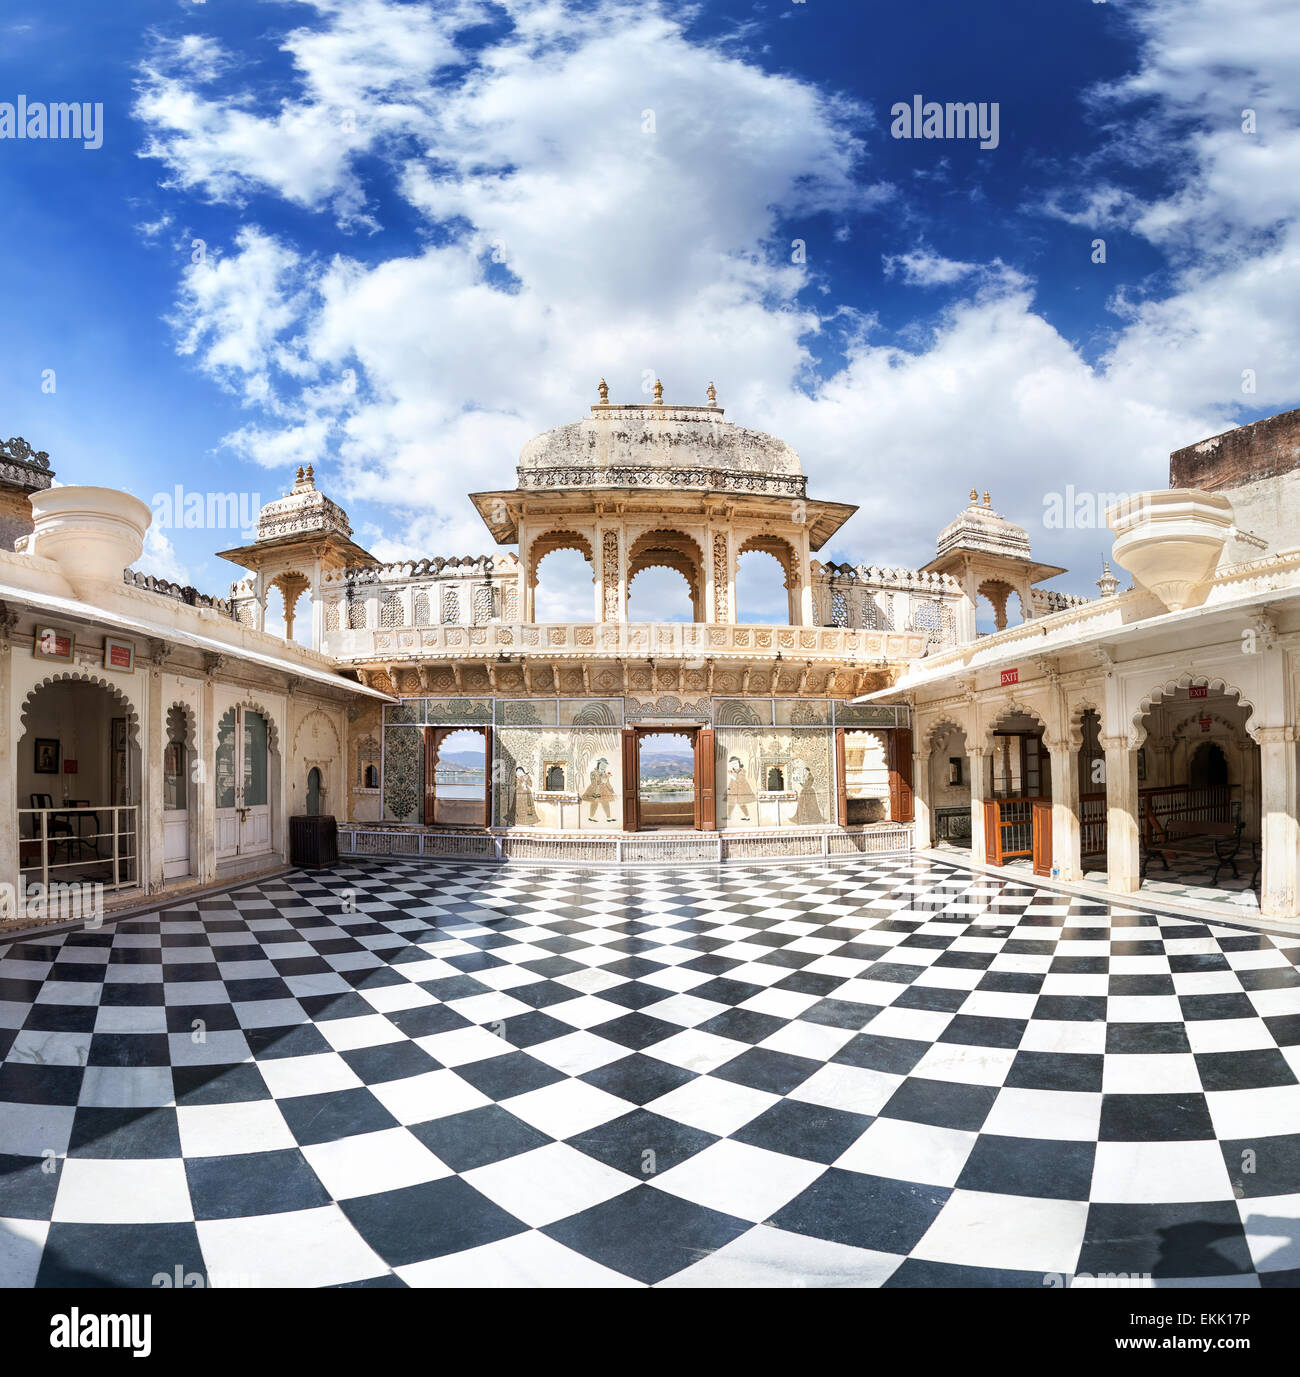 City Palace Museum mit surrealen Schach Boden in Udaipur, Rajasthan, Indien Stockbild